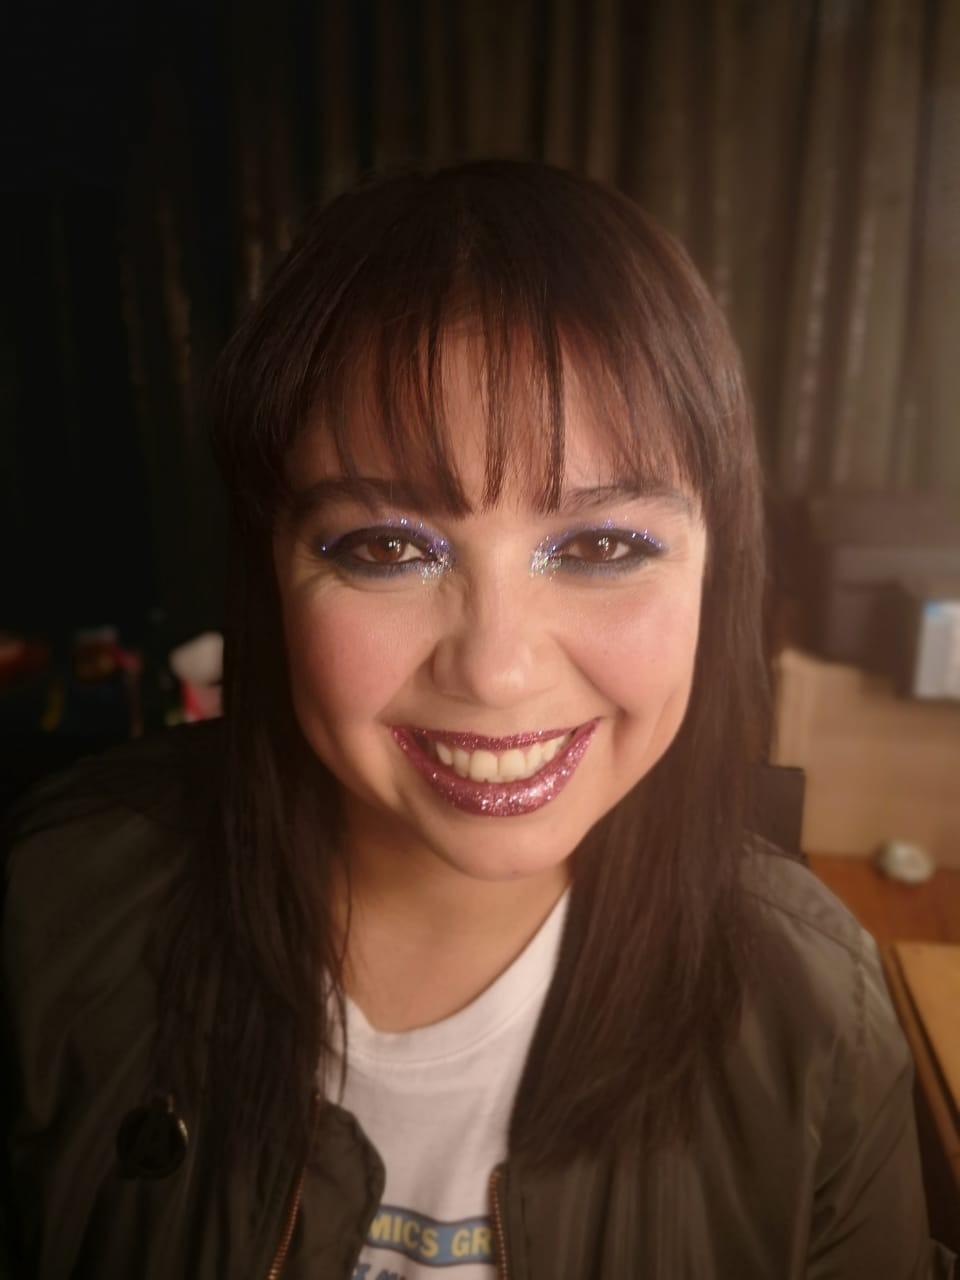 Cómo lograr el look de las Amikas x el maquillador Marcelo Bhanu